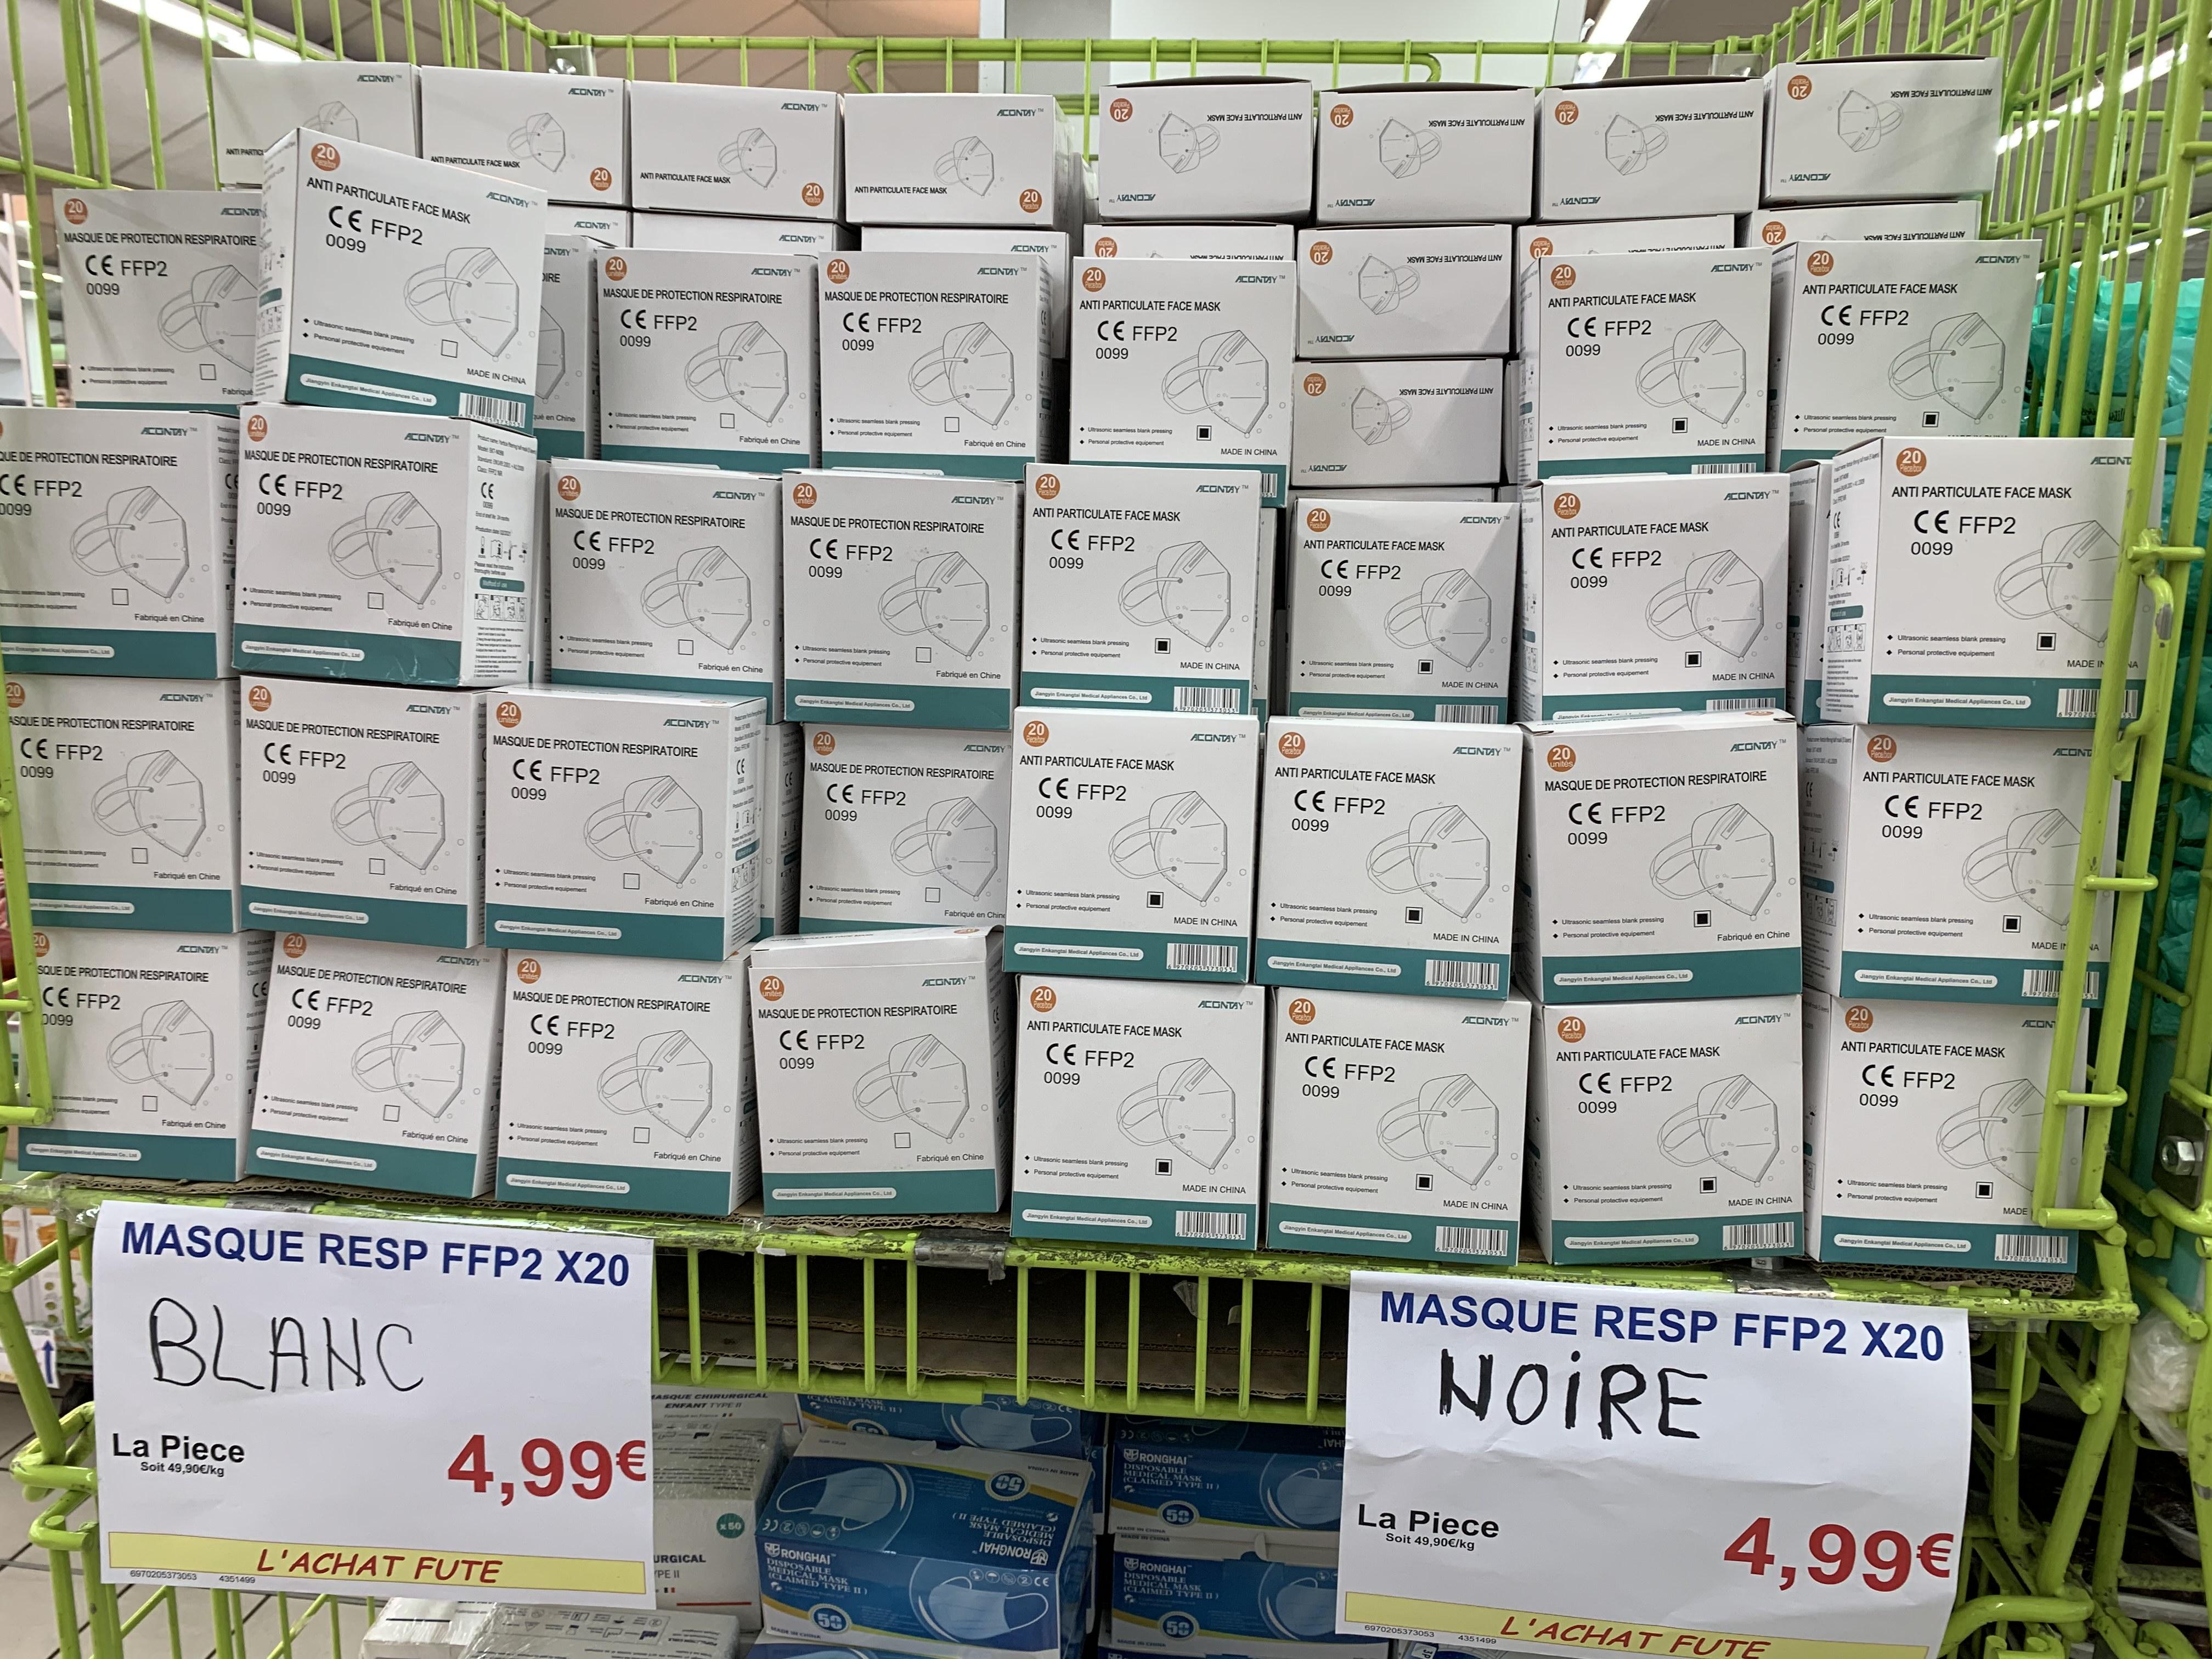 Boite de 20 masques FFP2 - Blanc / Noir - Argenteuil (95)